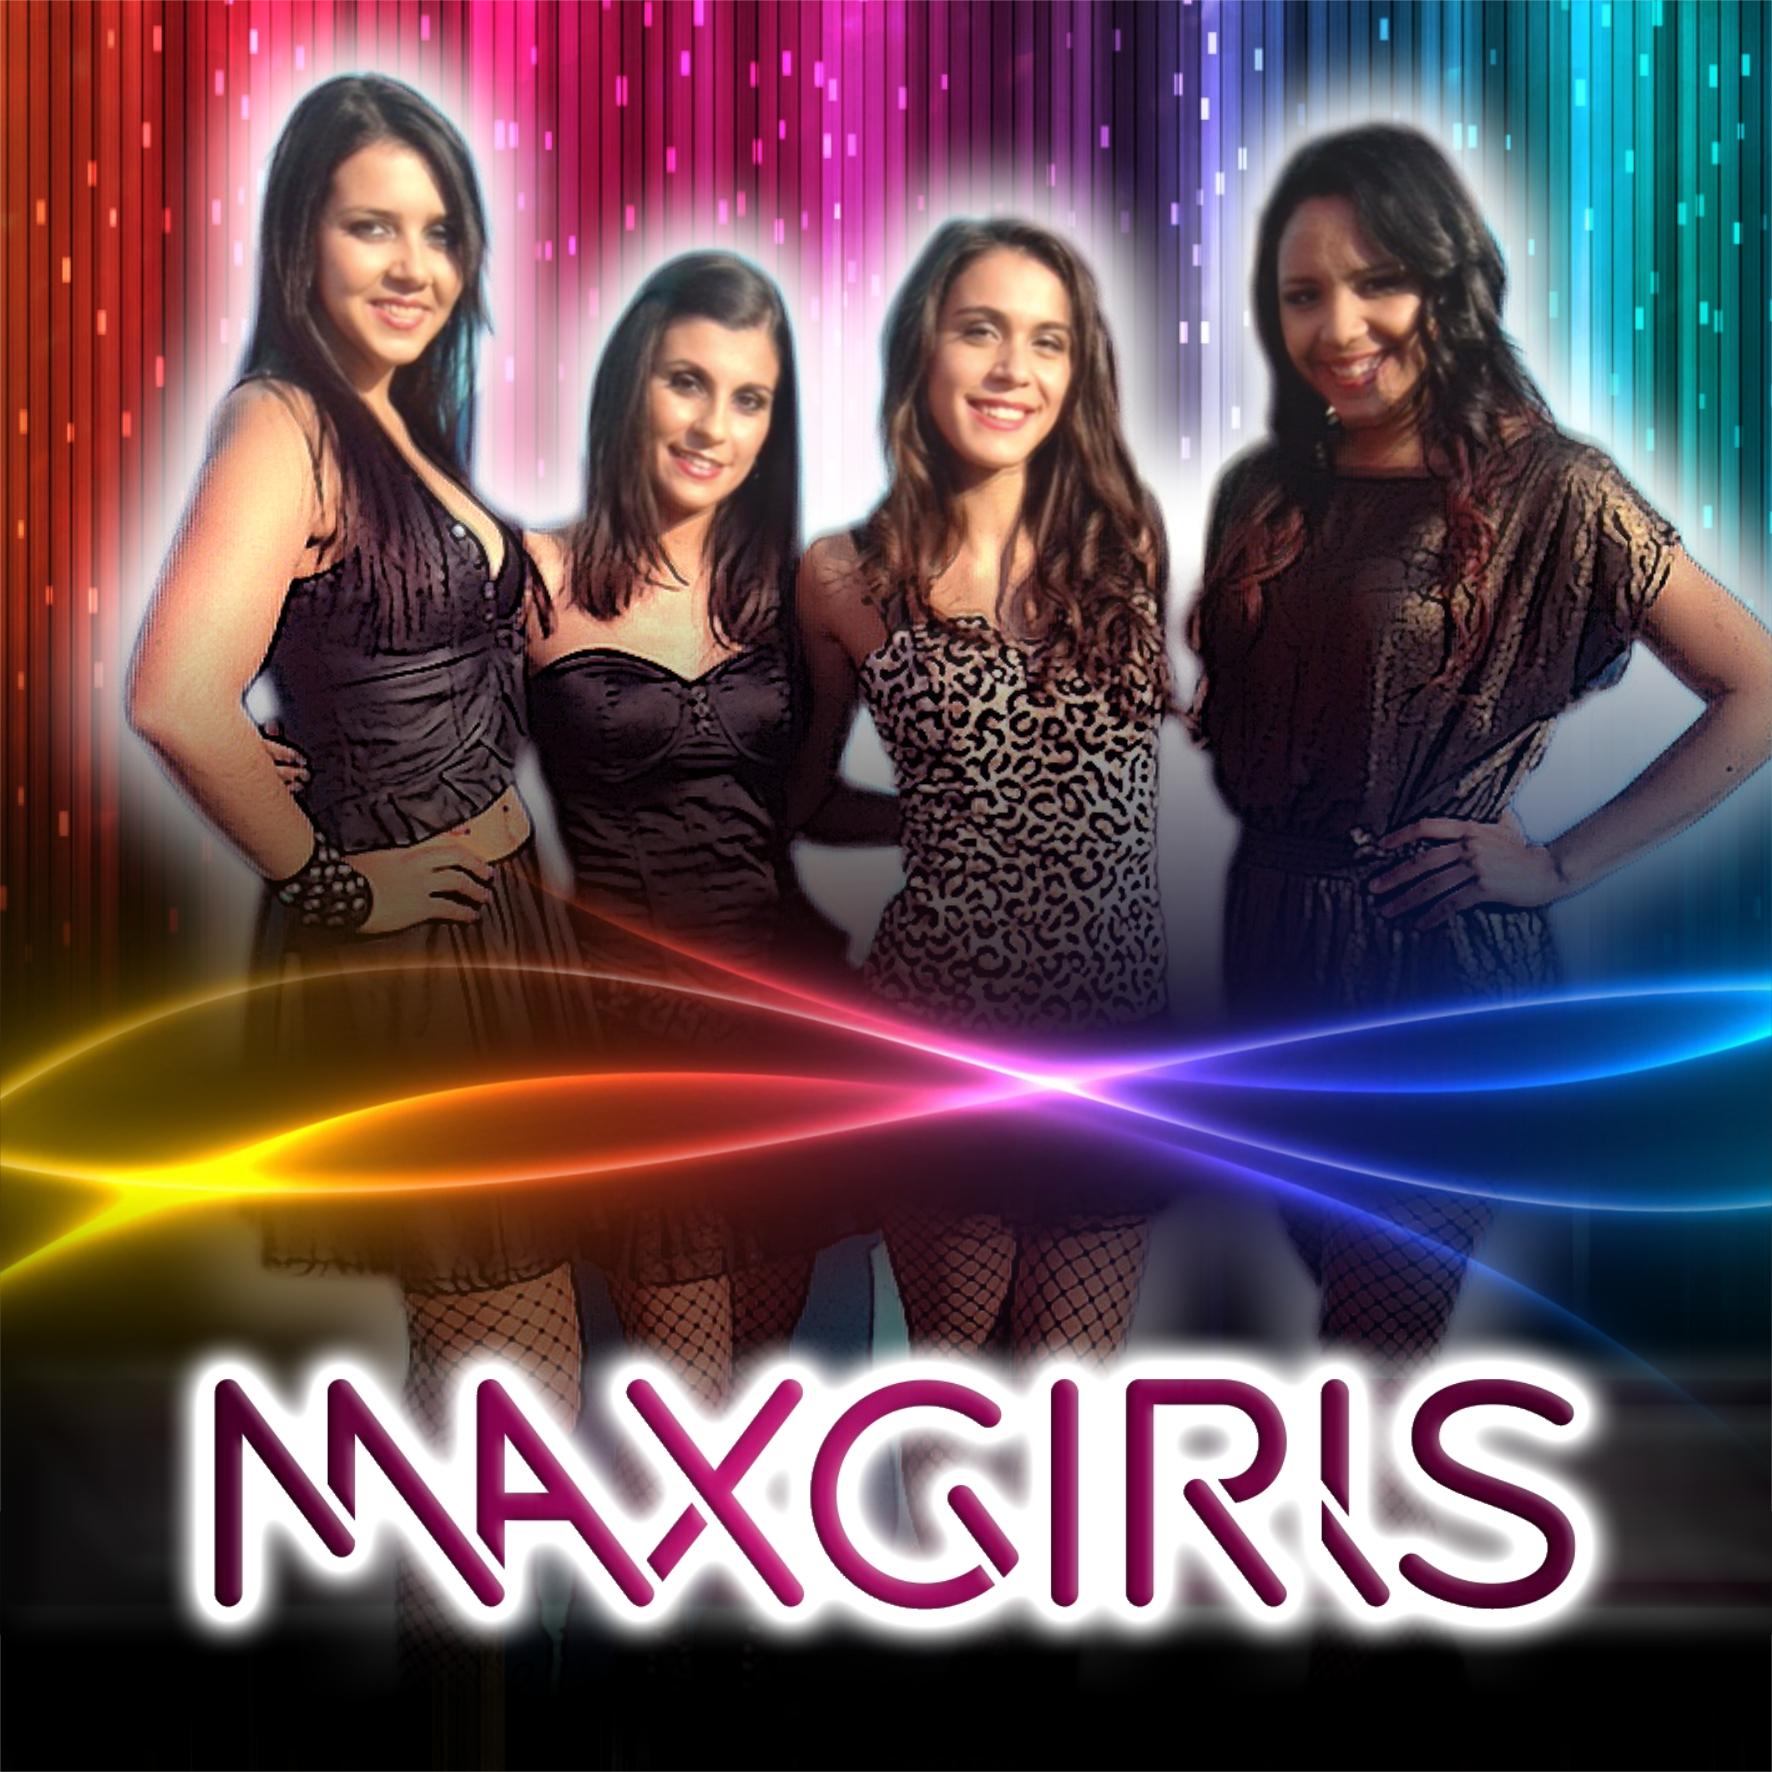 maxgirls CD